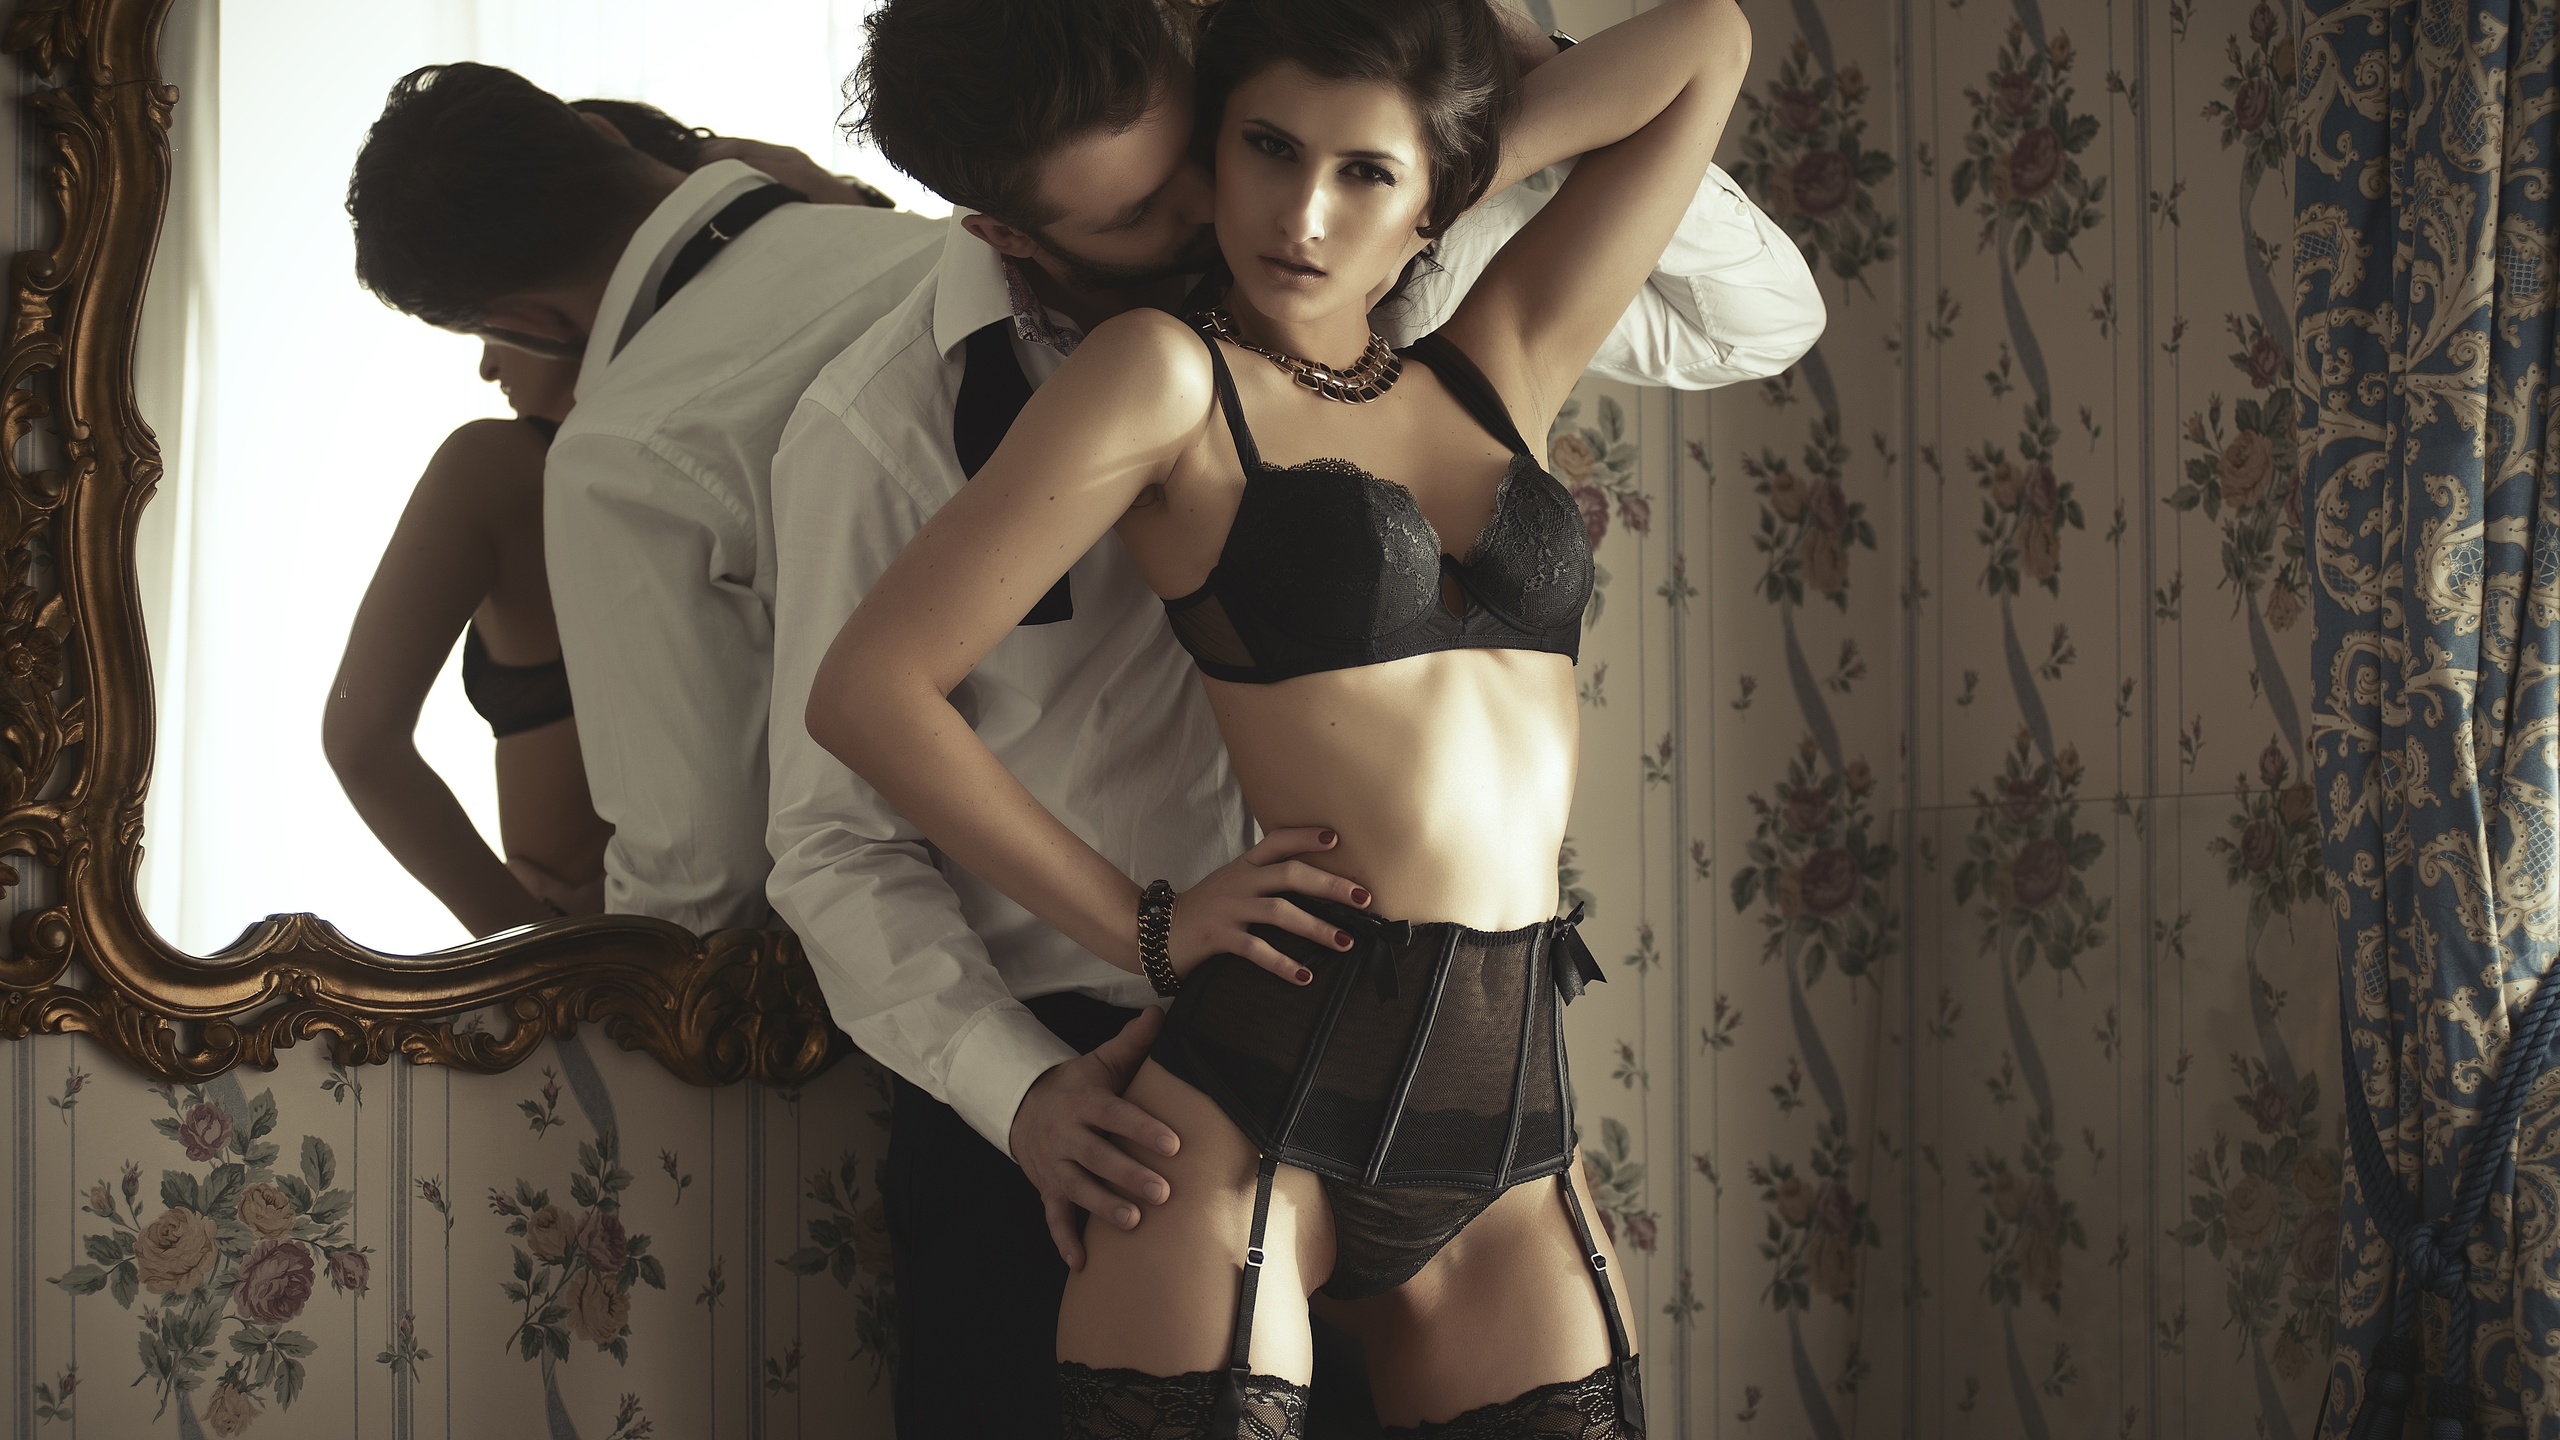 сексуальные фантазии при зеркале украинских девушек